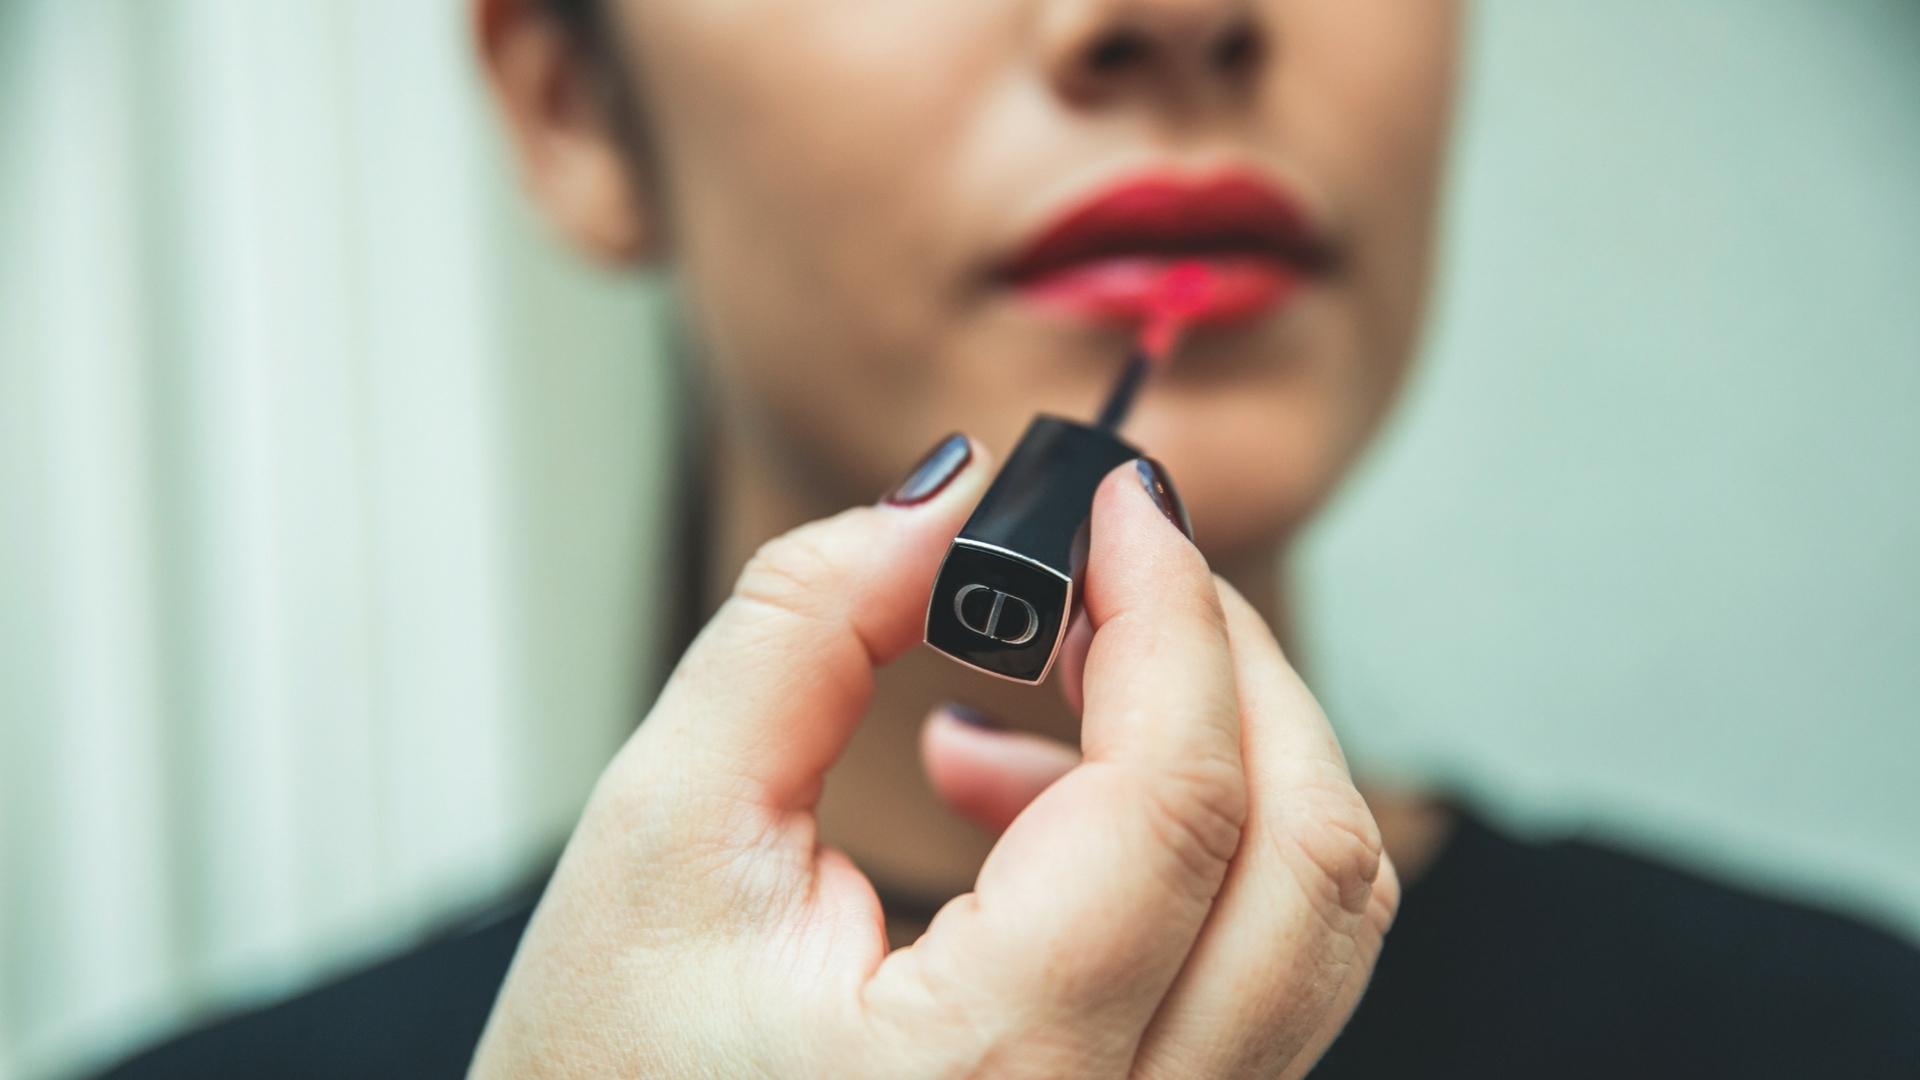 Dior Make-Up At House Of Bazaar 2017